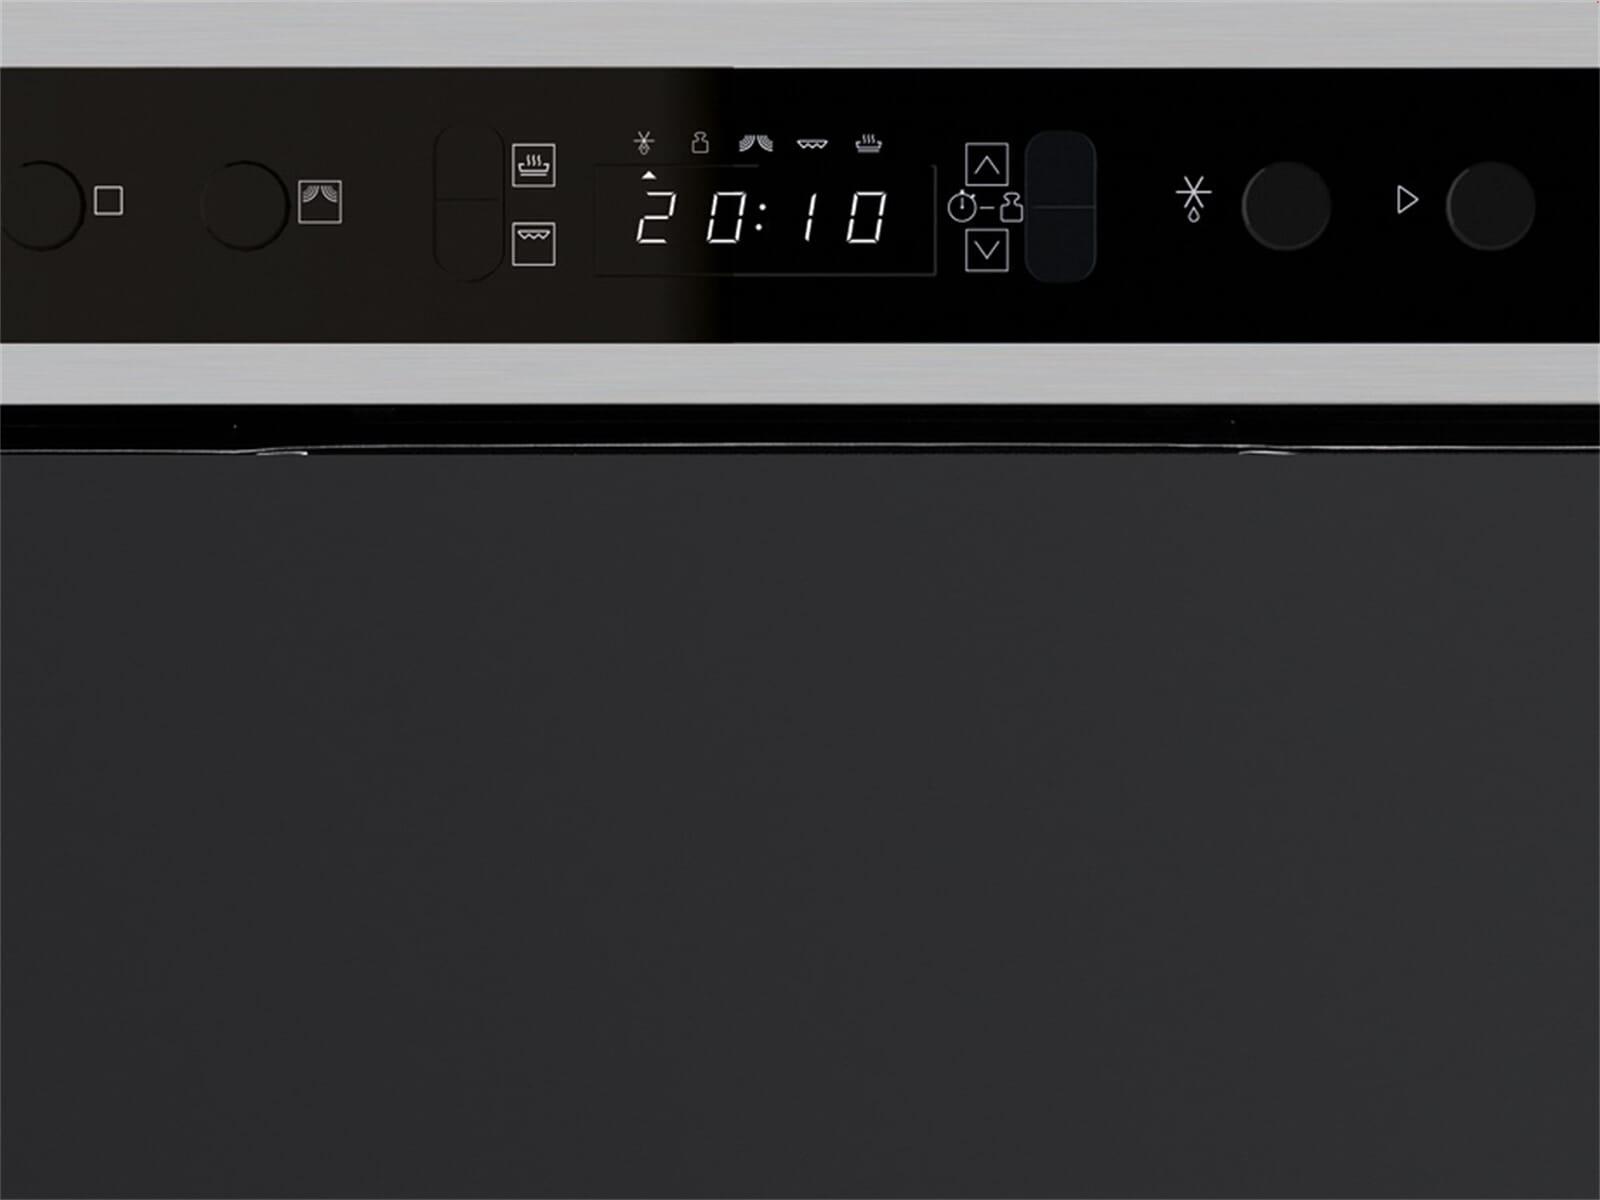 bauknecht emnk5 2438 pt einbau mikrowelle edelstahl ebay. Black Bedroom Furniture Sets. Home Design Ideas